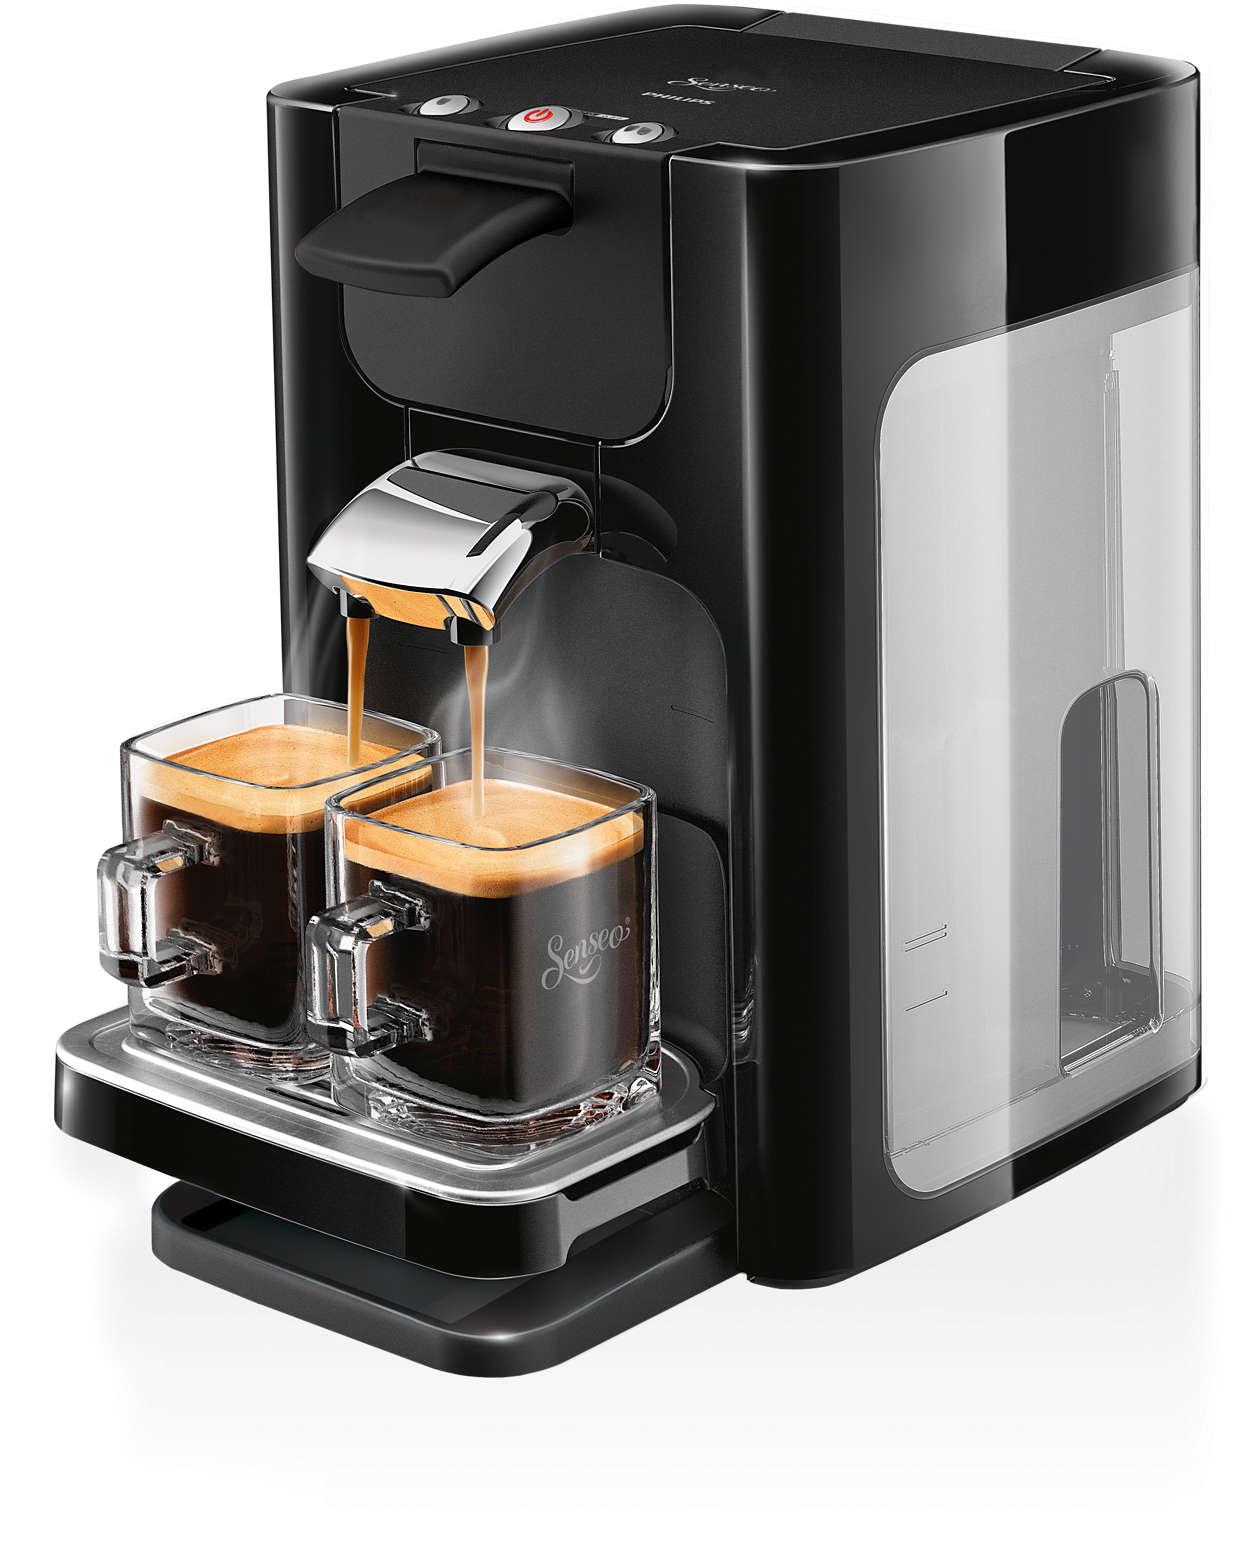 Cafea delicioasă printr-o atingere, într-un design modern